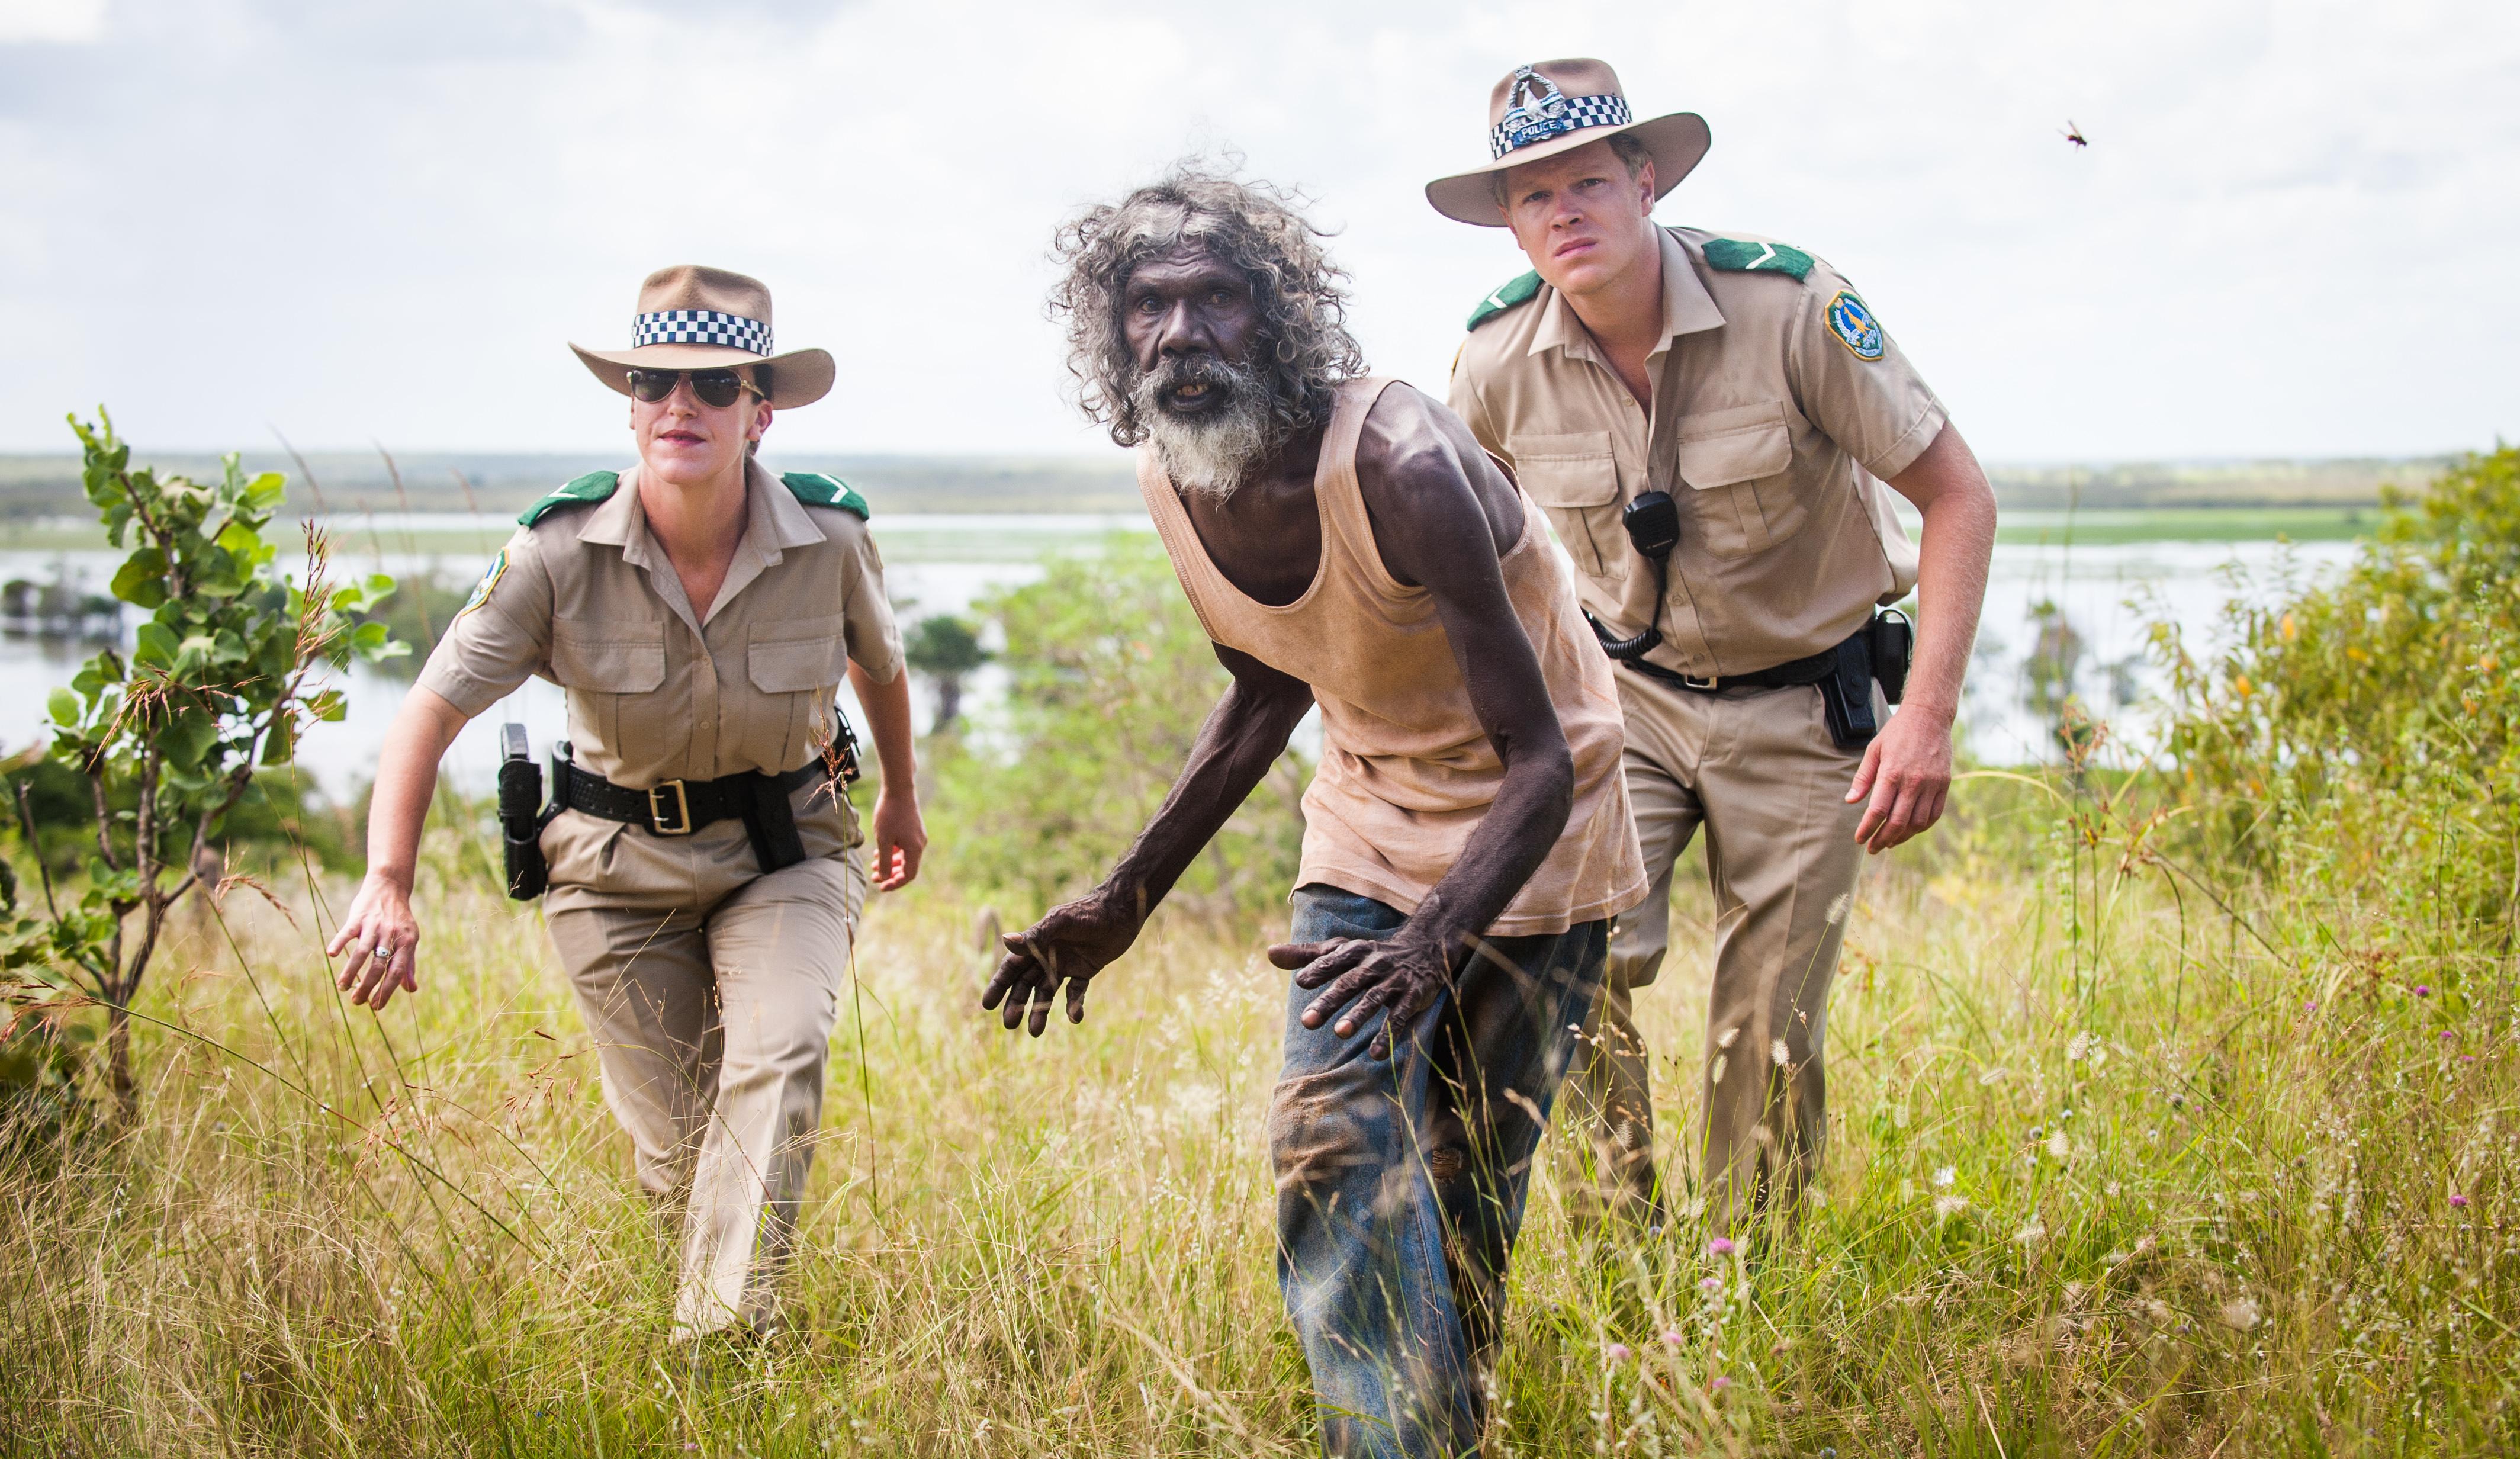 """El icono de la lucha aborigen australiana, David Gulpilil (c), se alzó con su interpretación de Charlie con el premio """"Una cierta mirada"""" al mejor actor en el pasado festival de Cannes por """"Charlie's Country"""", de Rolf de Heer."""